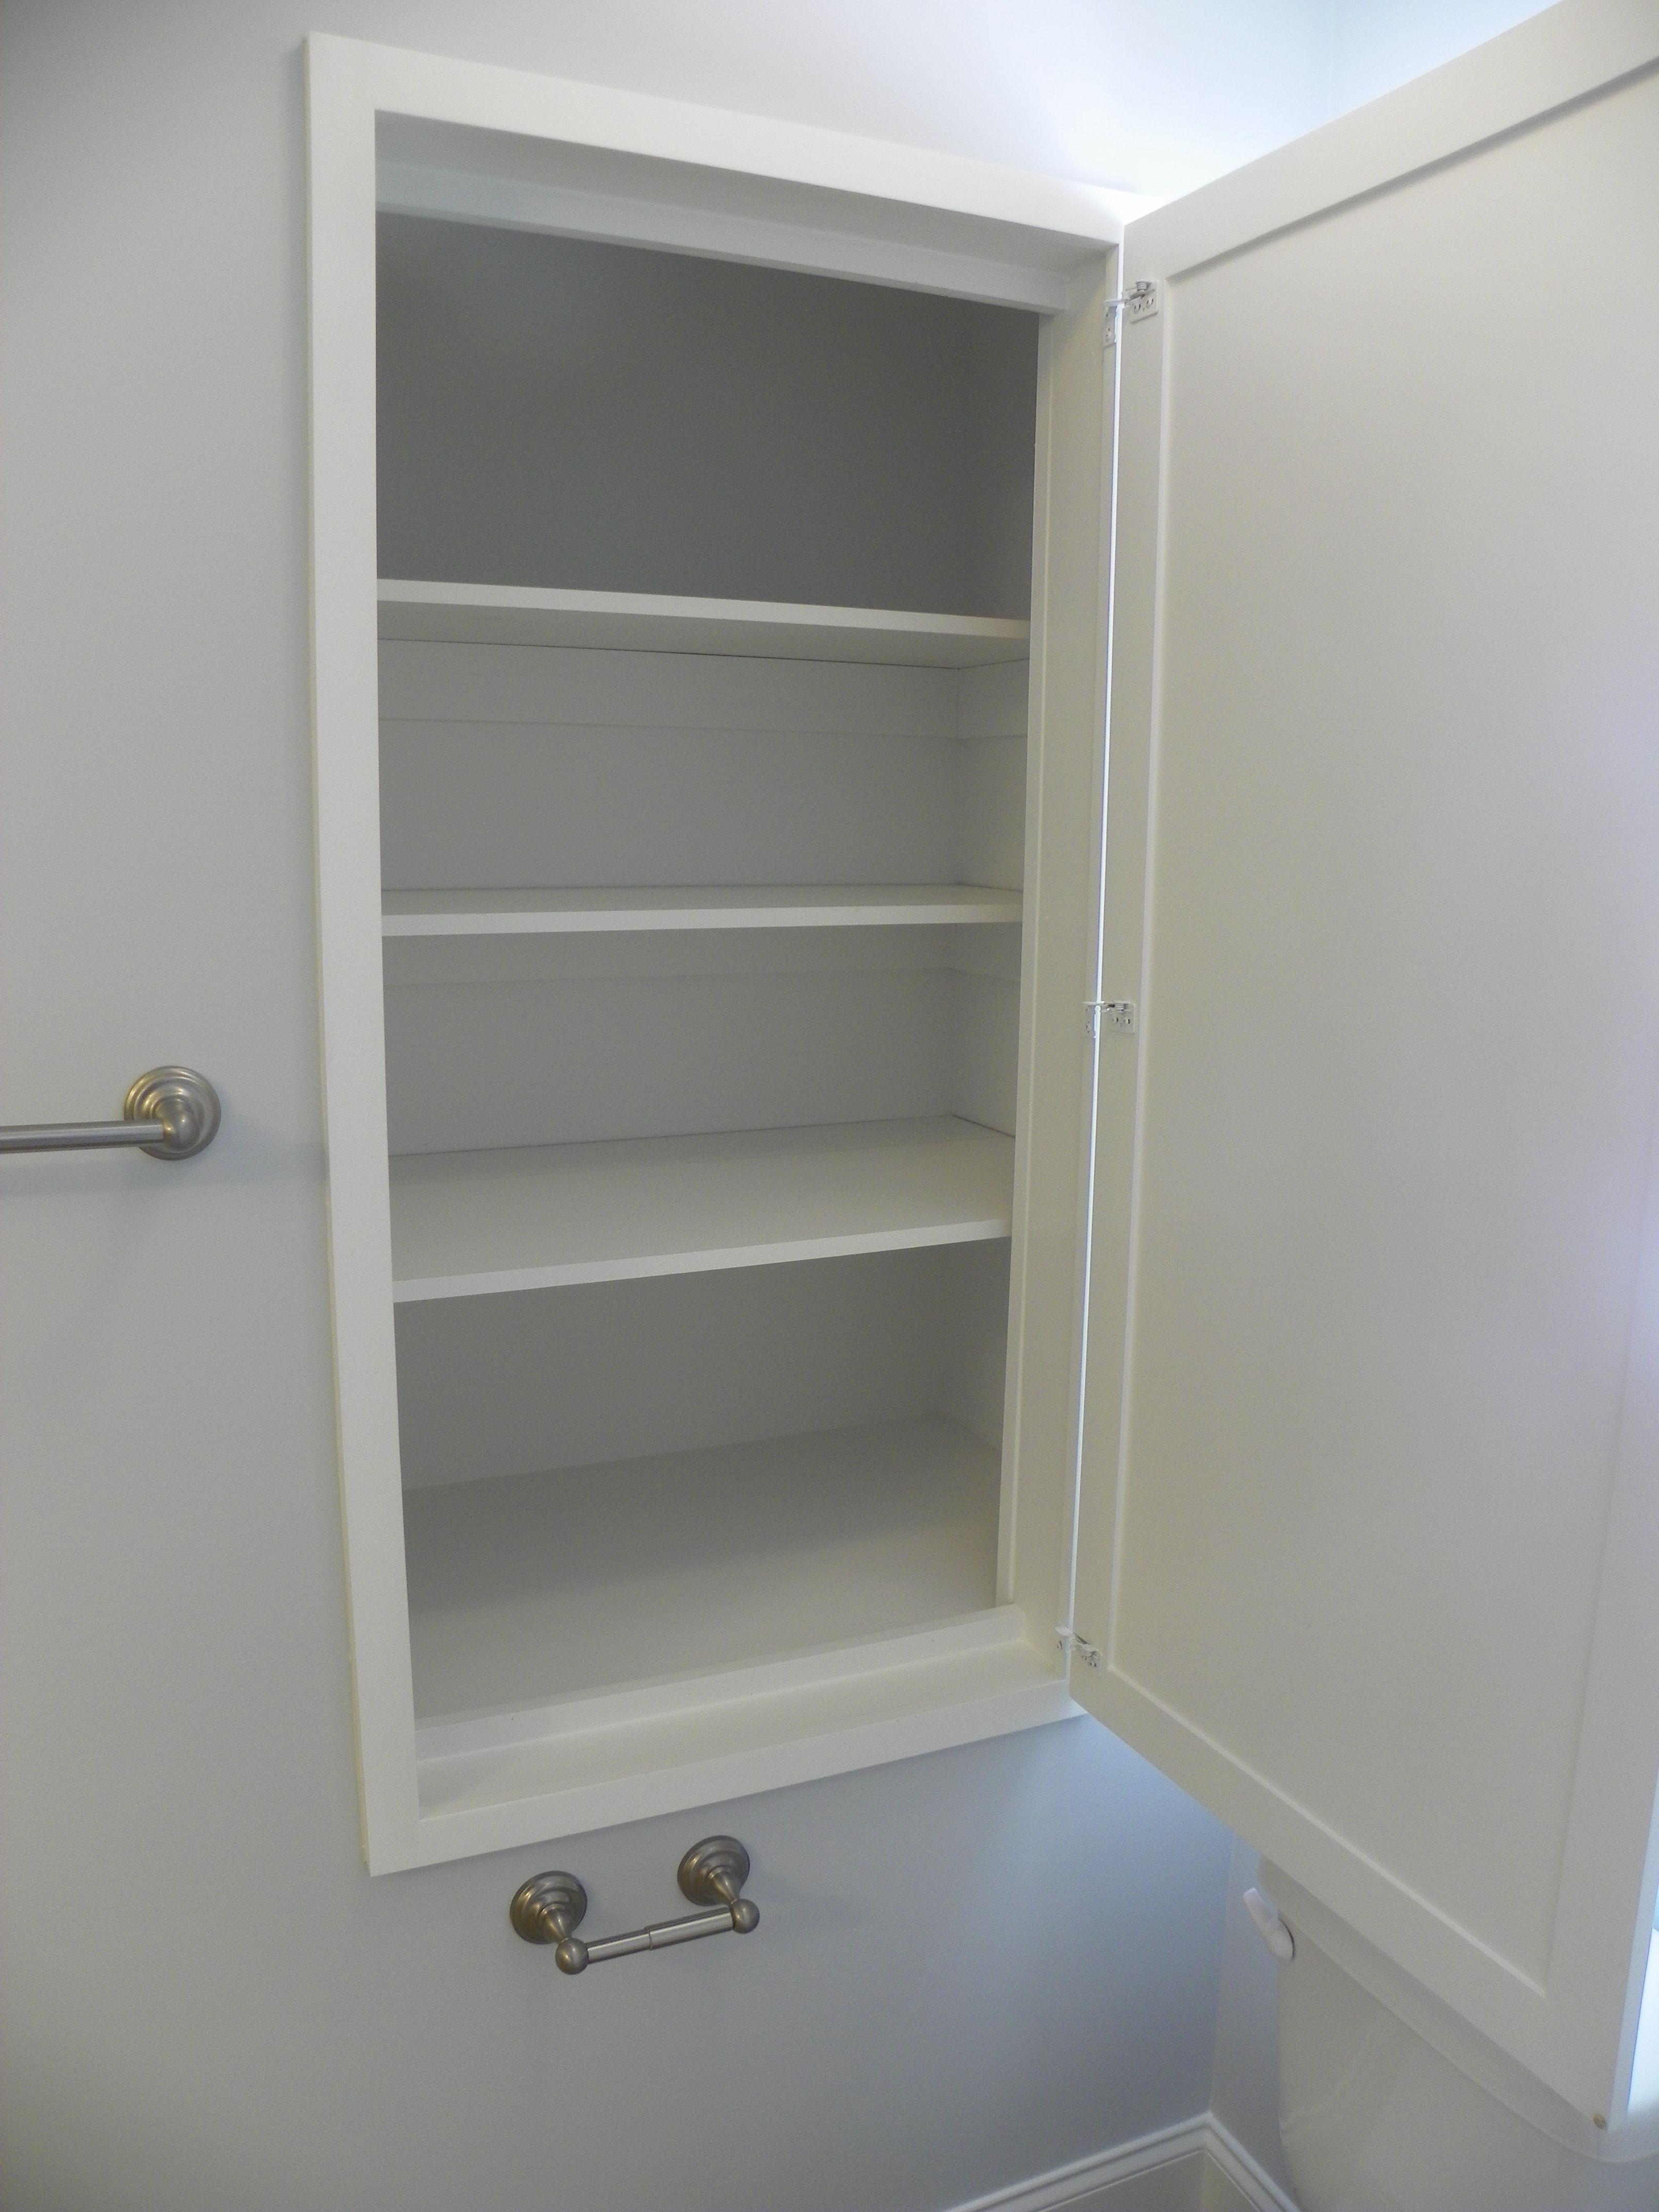 Linen Cabinet Built In To Wall Cavity Next Toilet Door Swings Over Lid